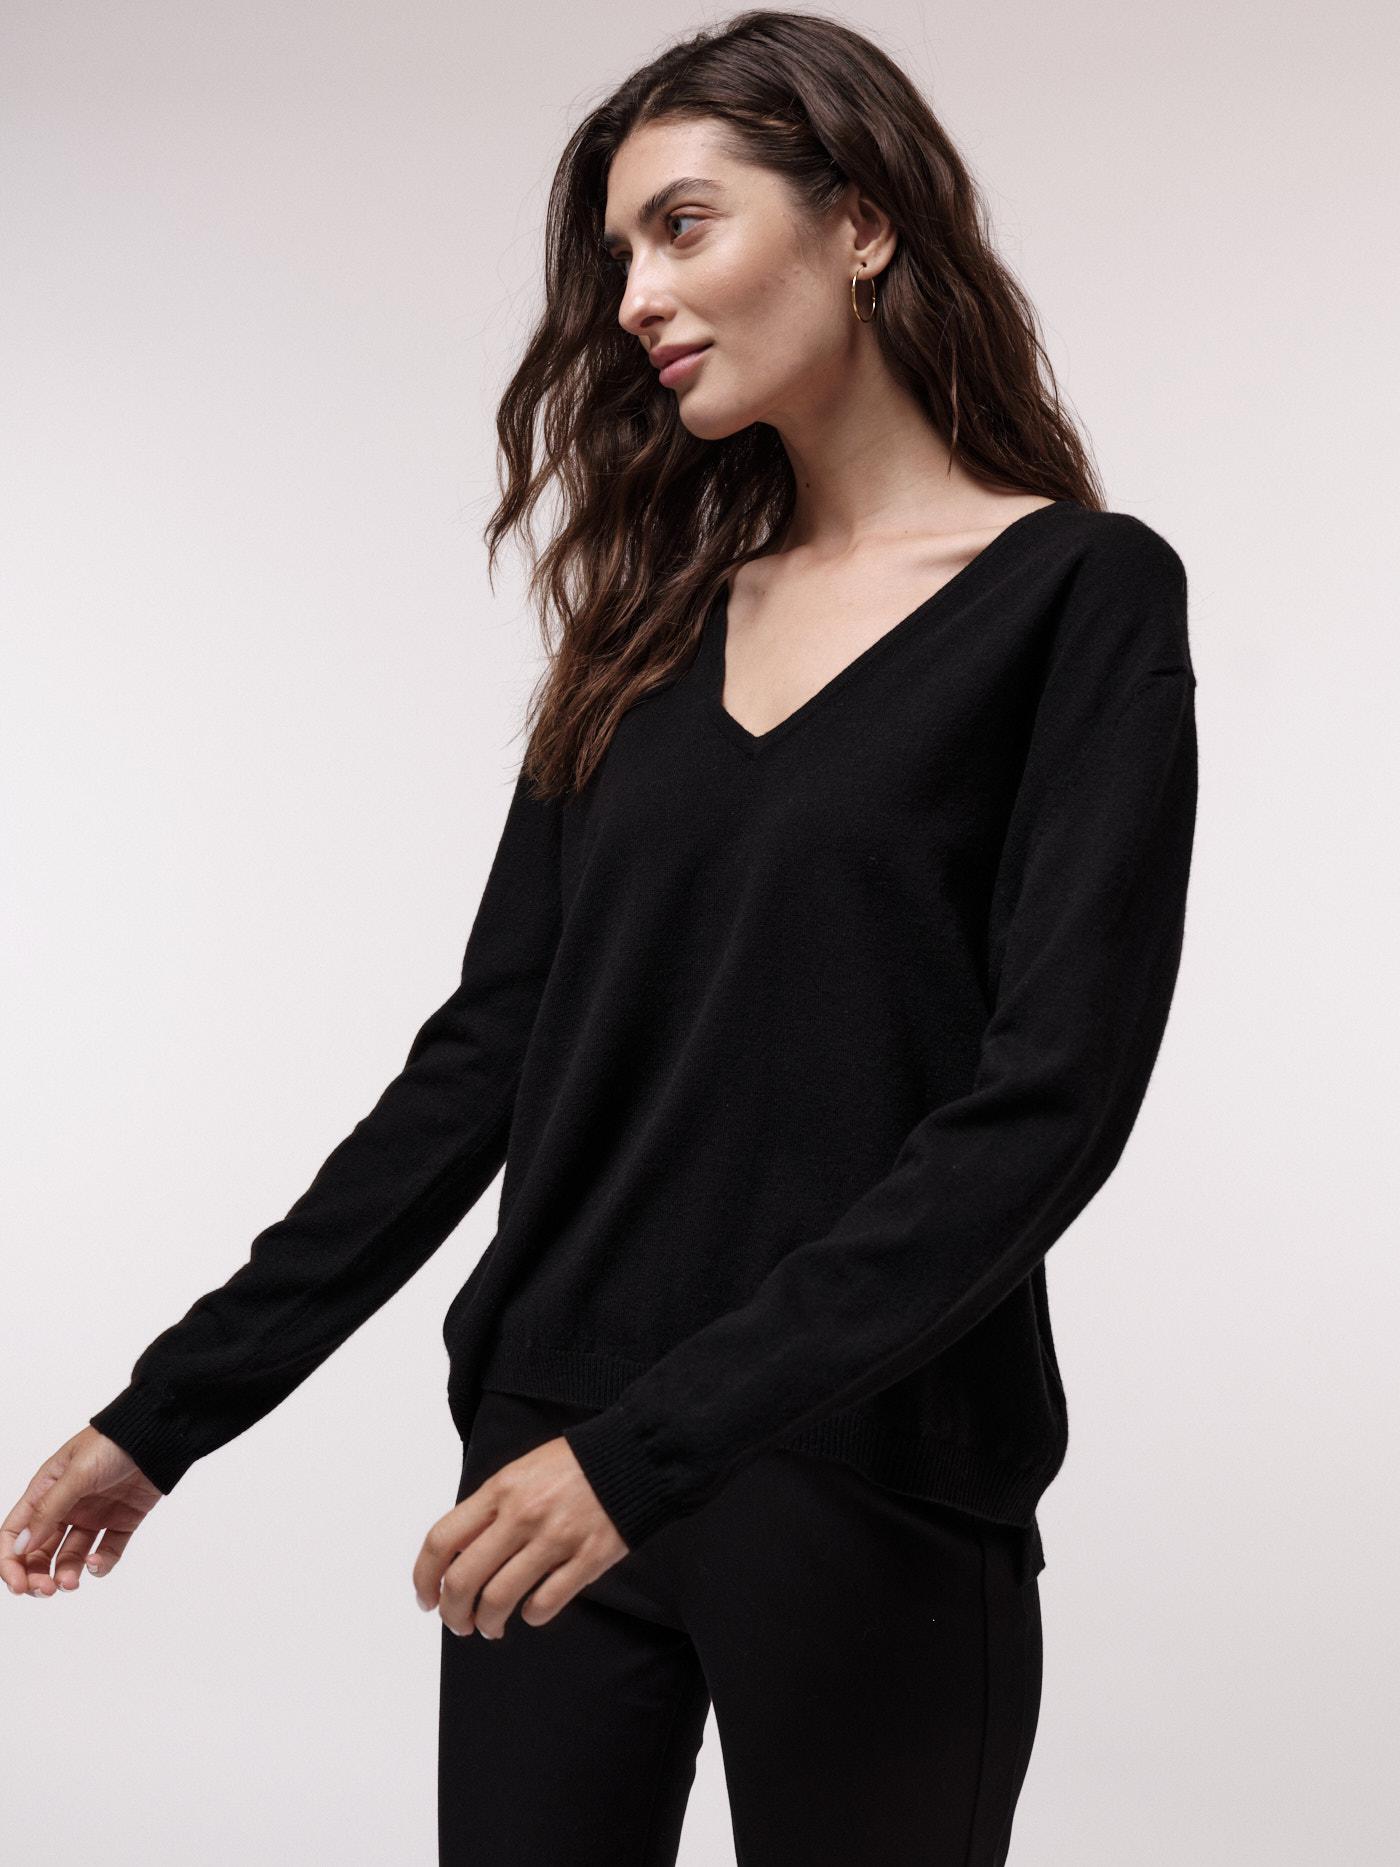 Damen-Pullover mit V-Ausschnitt black mit Wolle